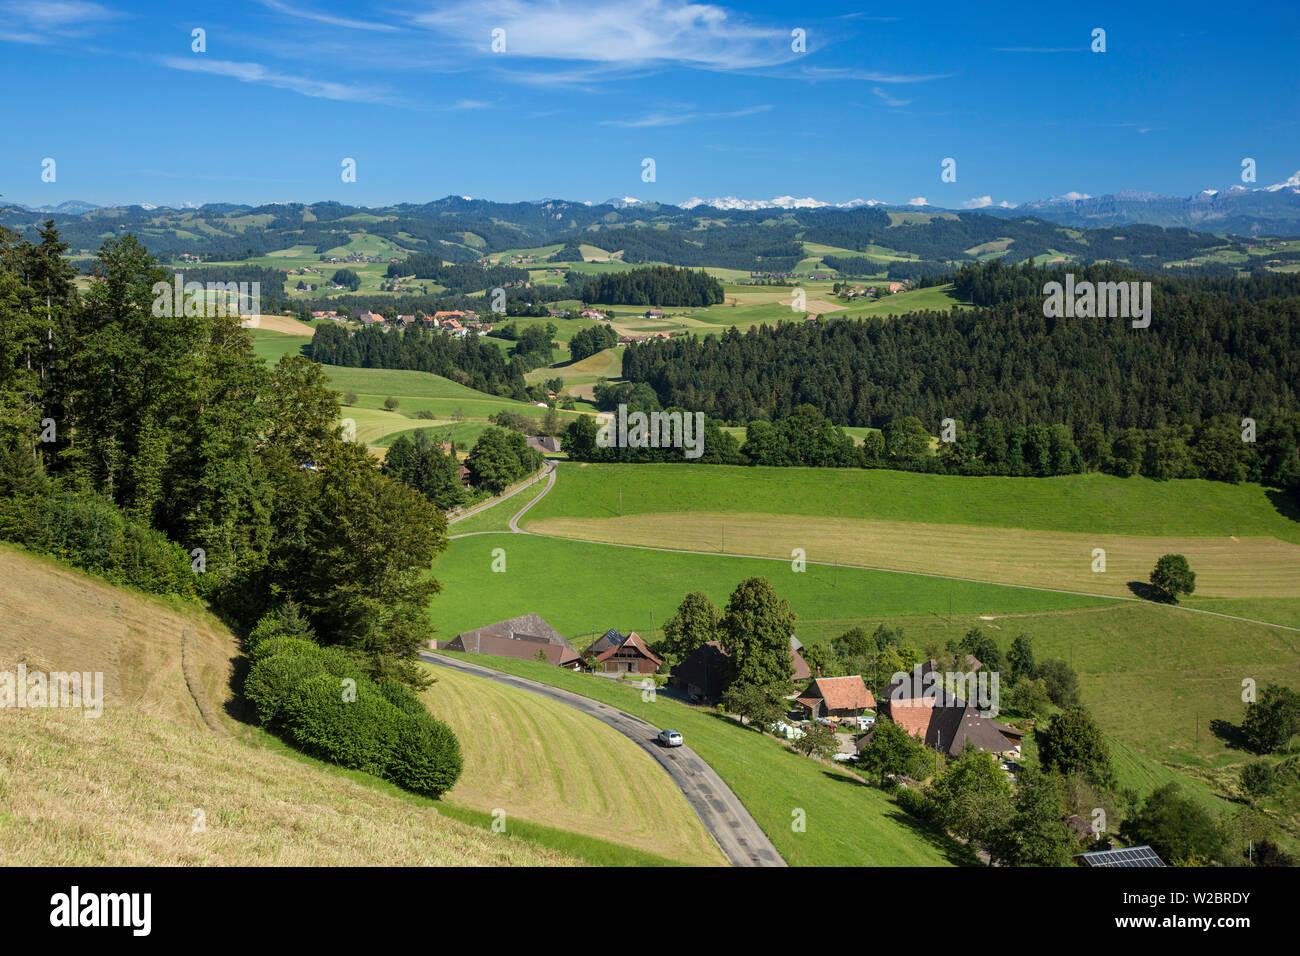 Vallée de l'Emmental et alpes suisses dans l'arrière-plan, Berner Oberland, Suisse Photo Stock